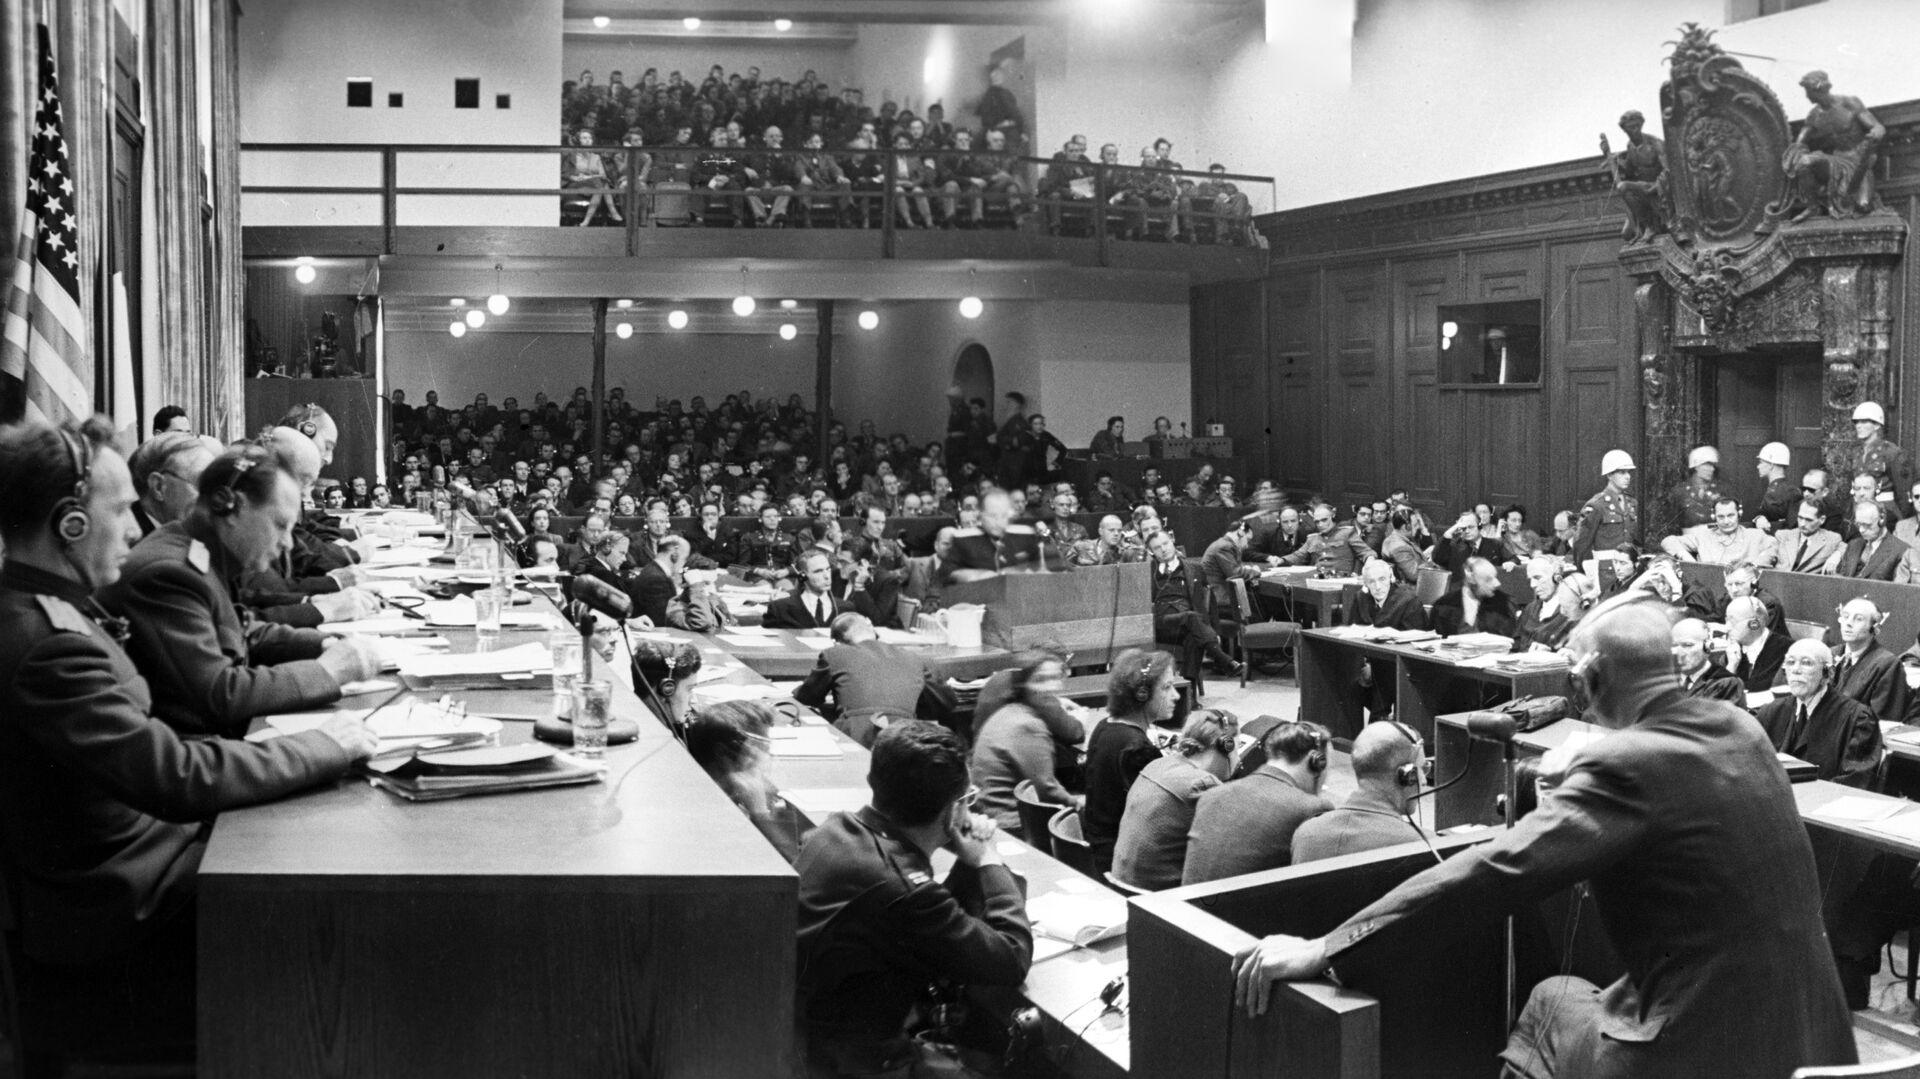 Одно из заседаний Международного военного трибунала - РИА Новости, 1920, 20.11.2020